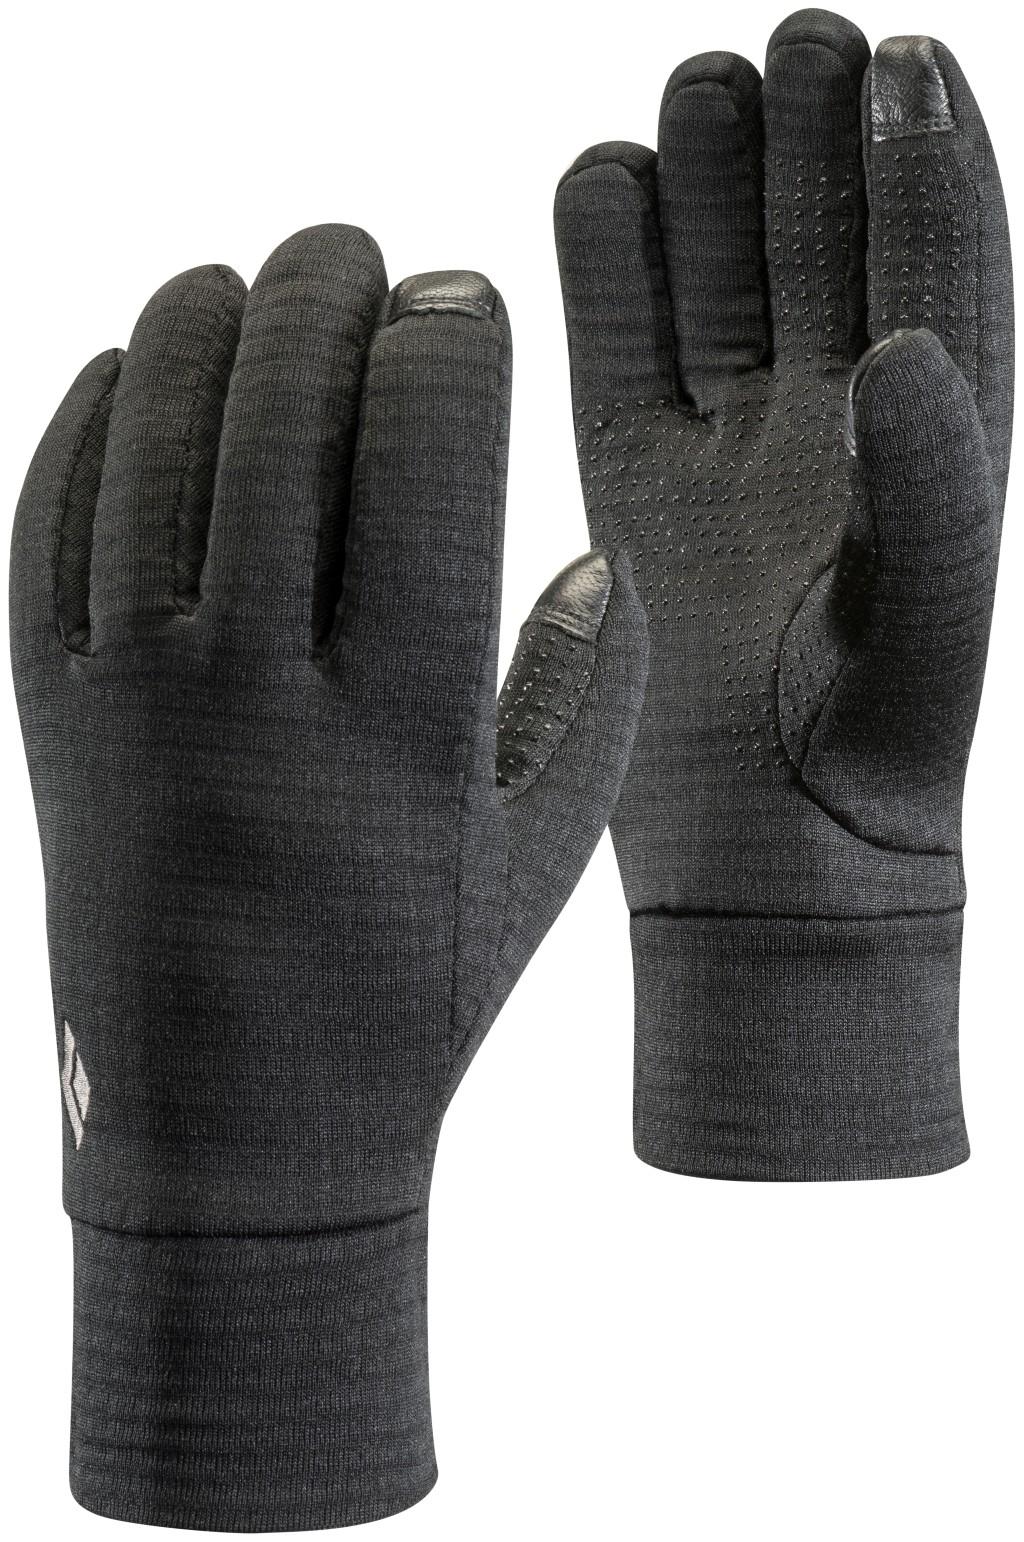 Black Diamond Midweight Gridtech Fleece Gloves